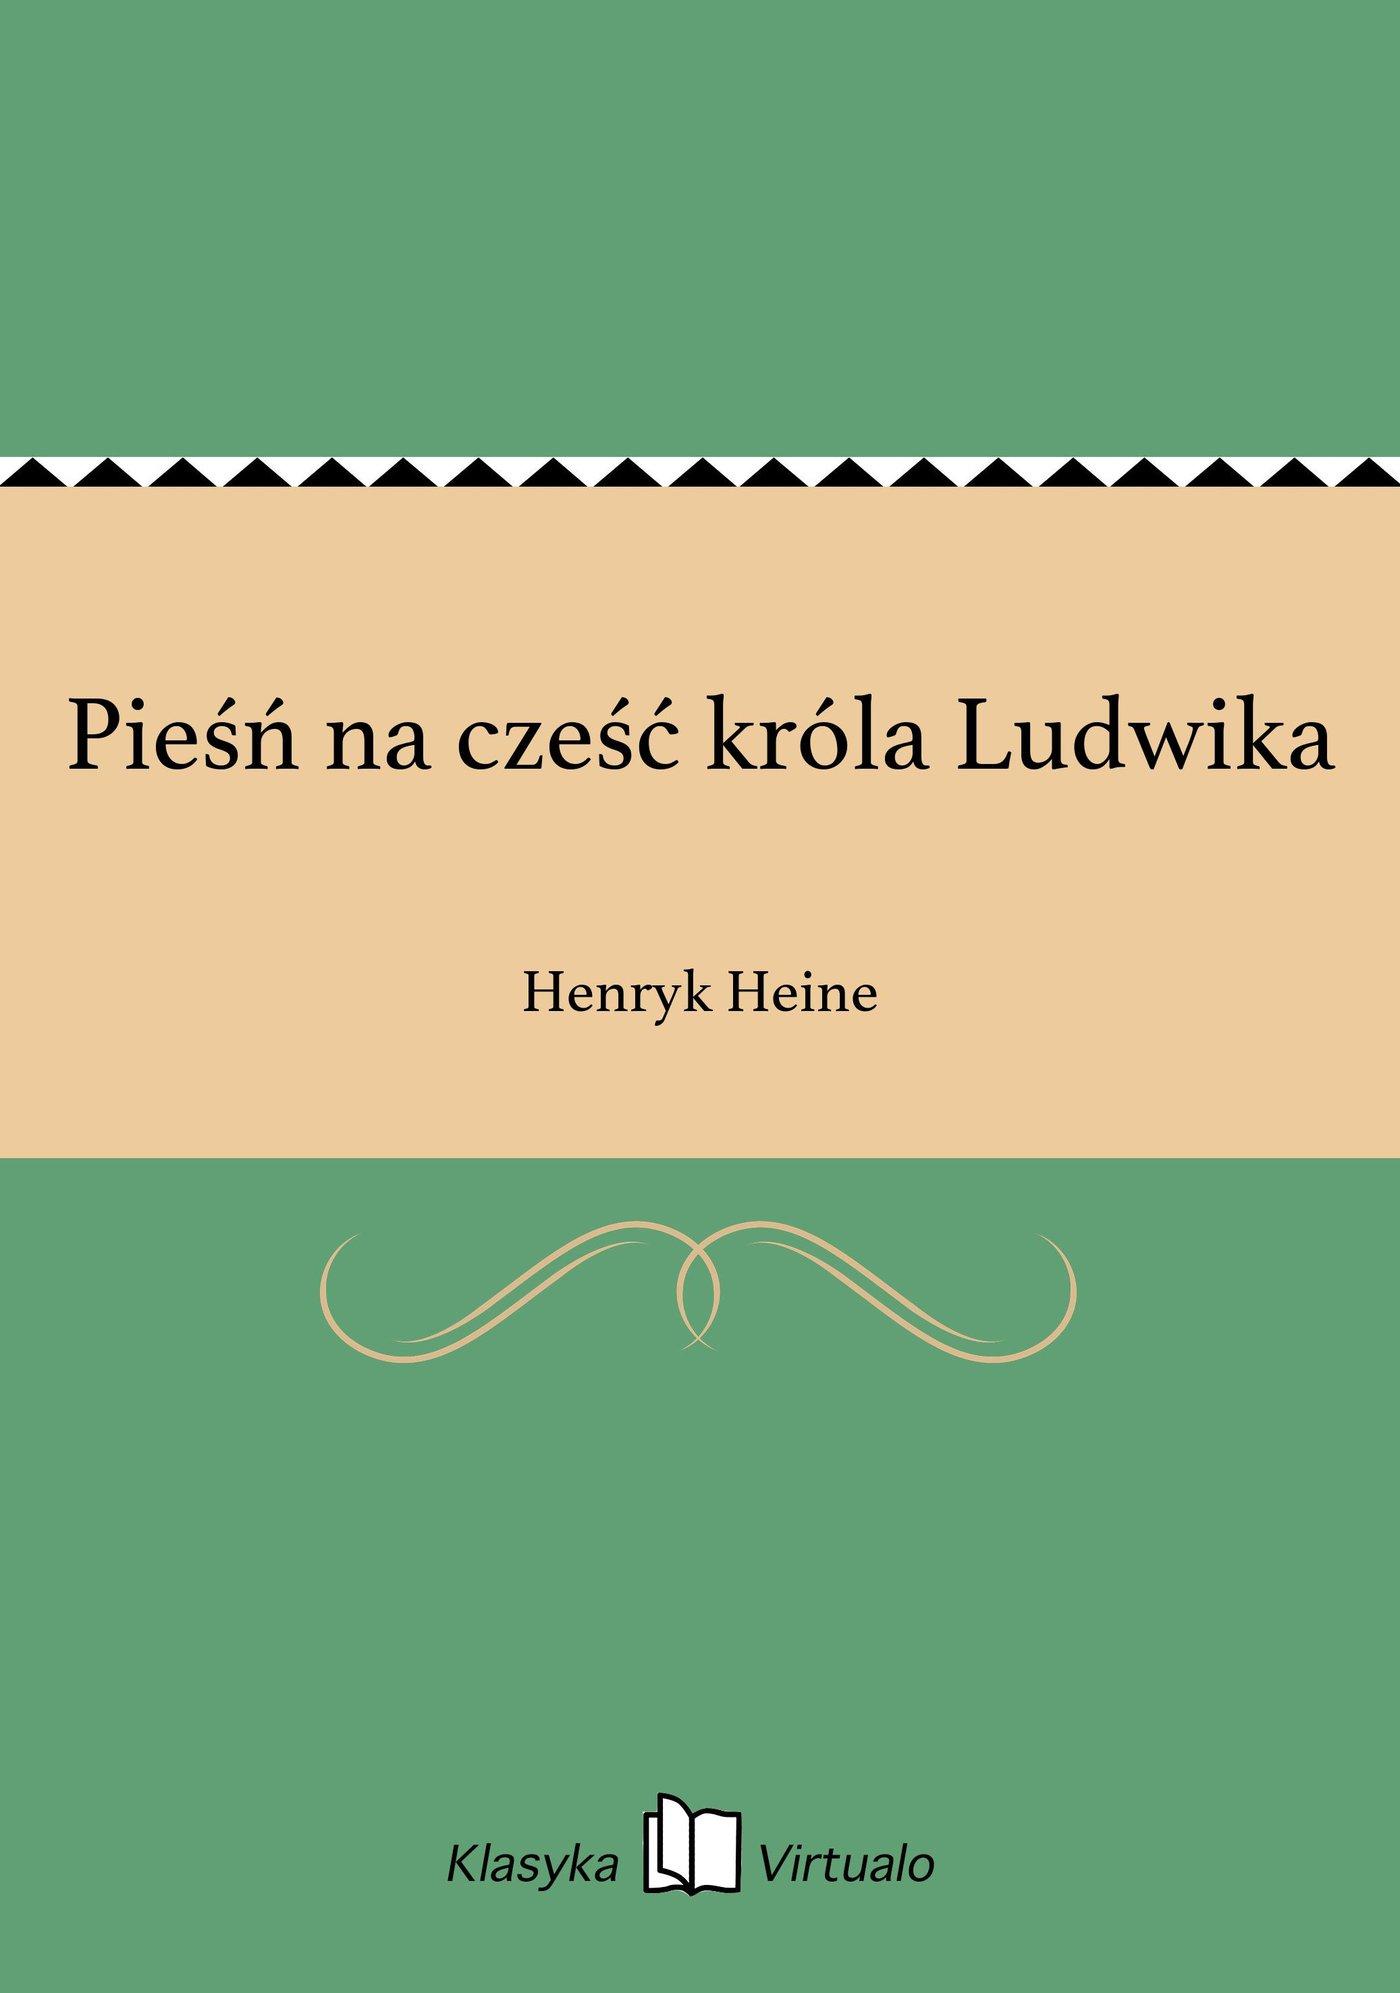 Pieśń na cześć króla Ludwika - Ebook (Książka na Kindle) do pobrania w formacie MOBI